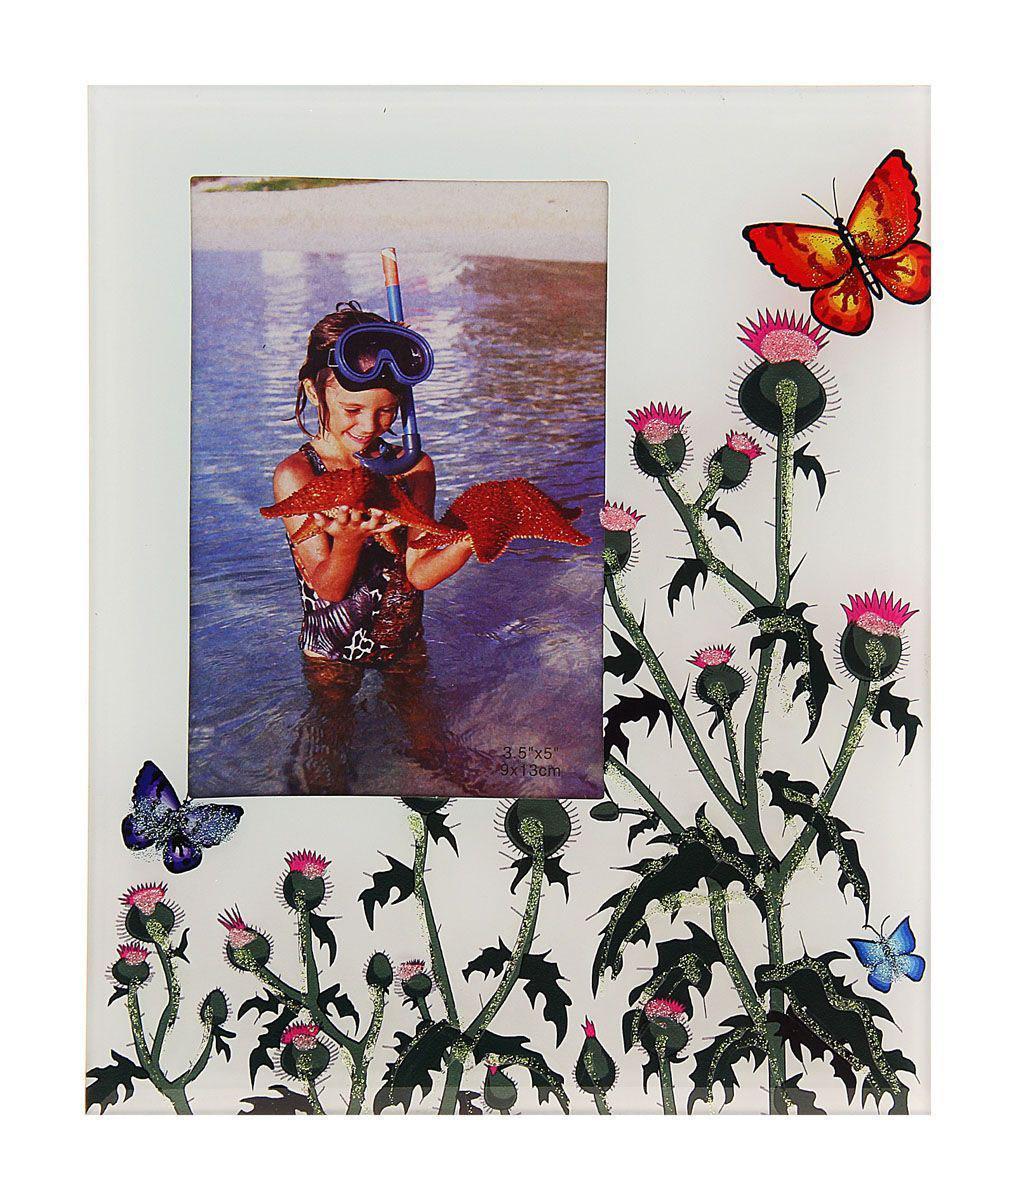 Фоторамка Sima-land Шотландия, цвет: белый, зеленый, розовый, 9 х 13 см763455Декоративная фоторамка Sima-land Шотландия выполнена из стекла и декорирована изображением в виде цветущего репейника и разноцветных бабочек. Поверх стекла вдоль рисунка нанесены блестки. Обратная сторона рамки оснащена специальной ножкой, благодаря которой ее можно поставить на стол или любое другое место в доме или офисе. Такая фоторамка украсит ваш интерьер необычным образом, а также позволит сохранить память о дорогих вам людях и интересных событиях вашей жизни. С ней вы сможете не просто внести в интерьер своего дома элемент оригинальности, но и создать атмосферу загадочности и изысканности.